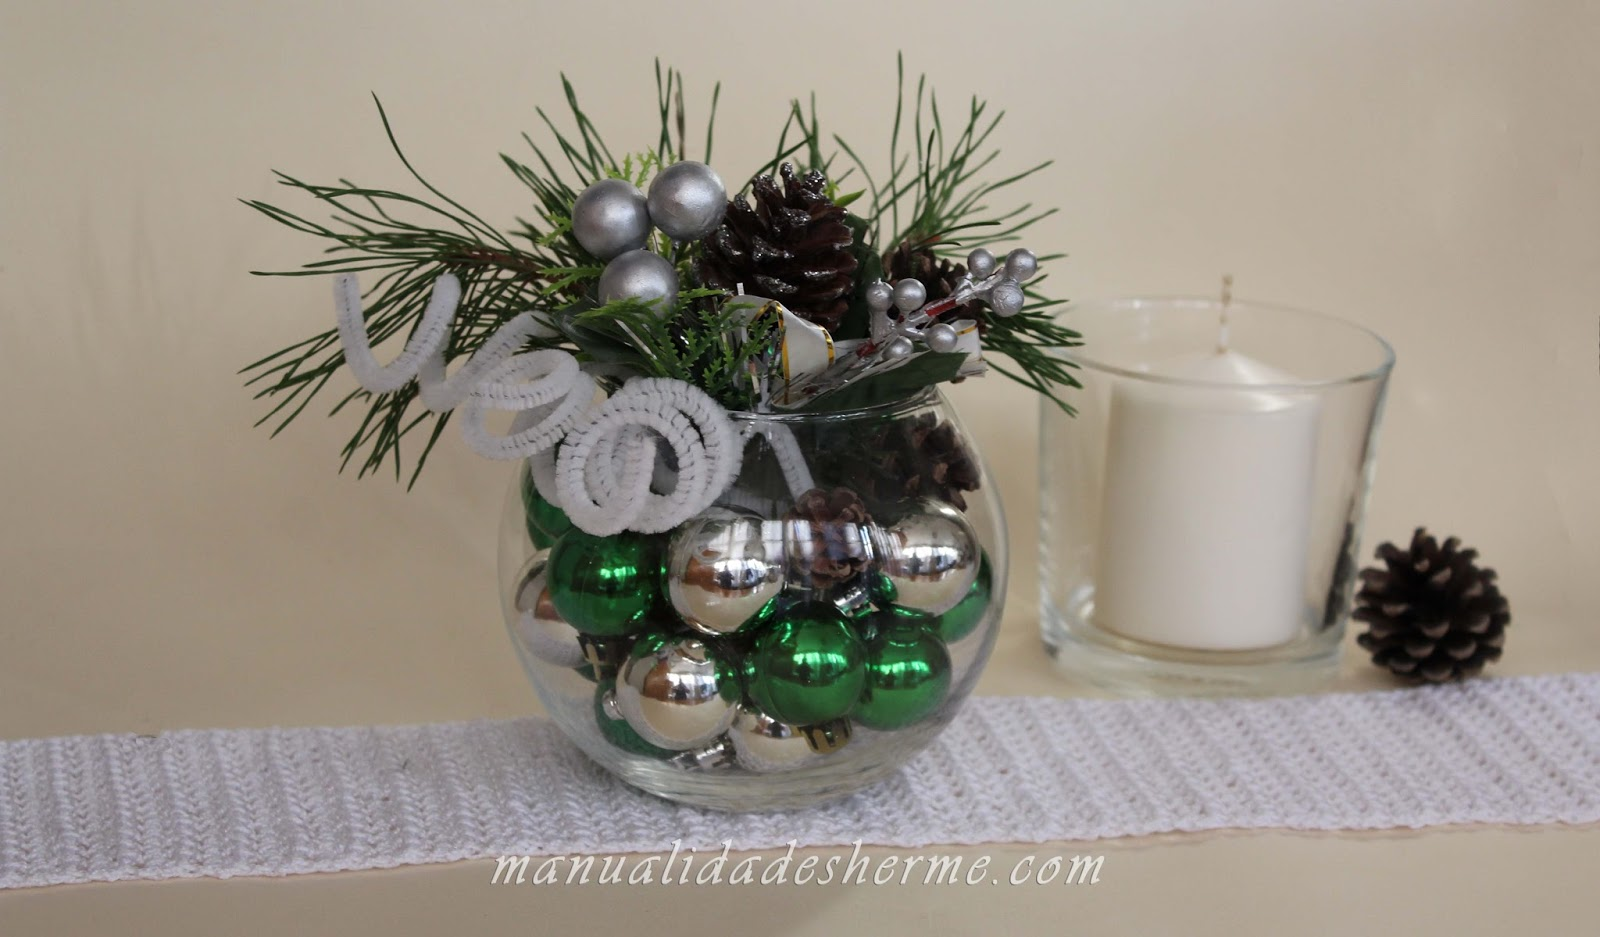 Manualidades herme como hacer un centro de mesa navide o - Centros florales navidenos ...